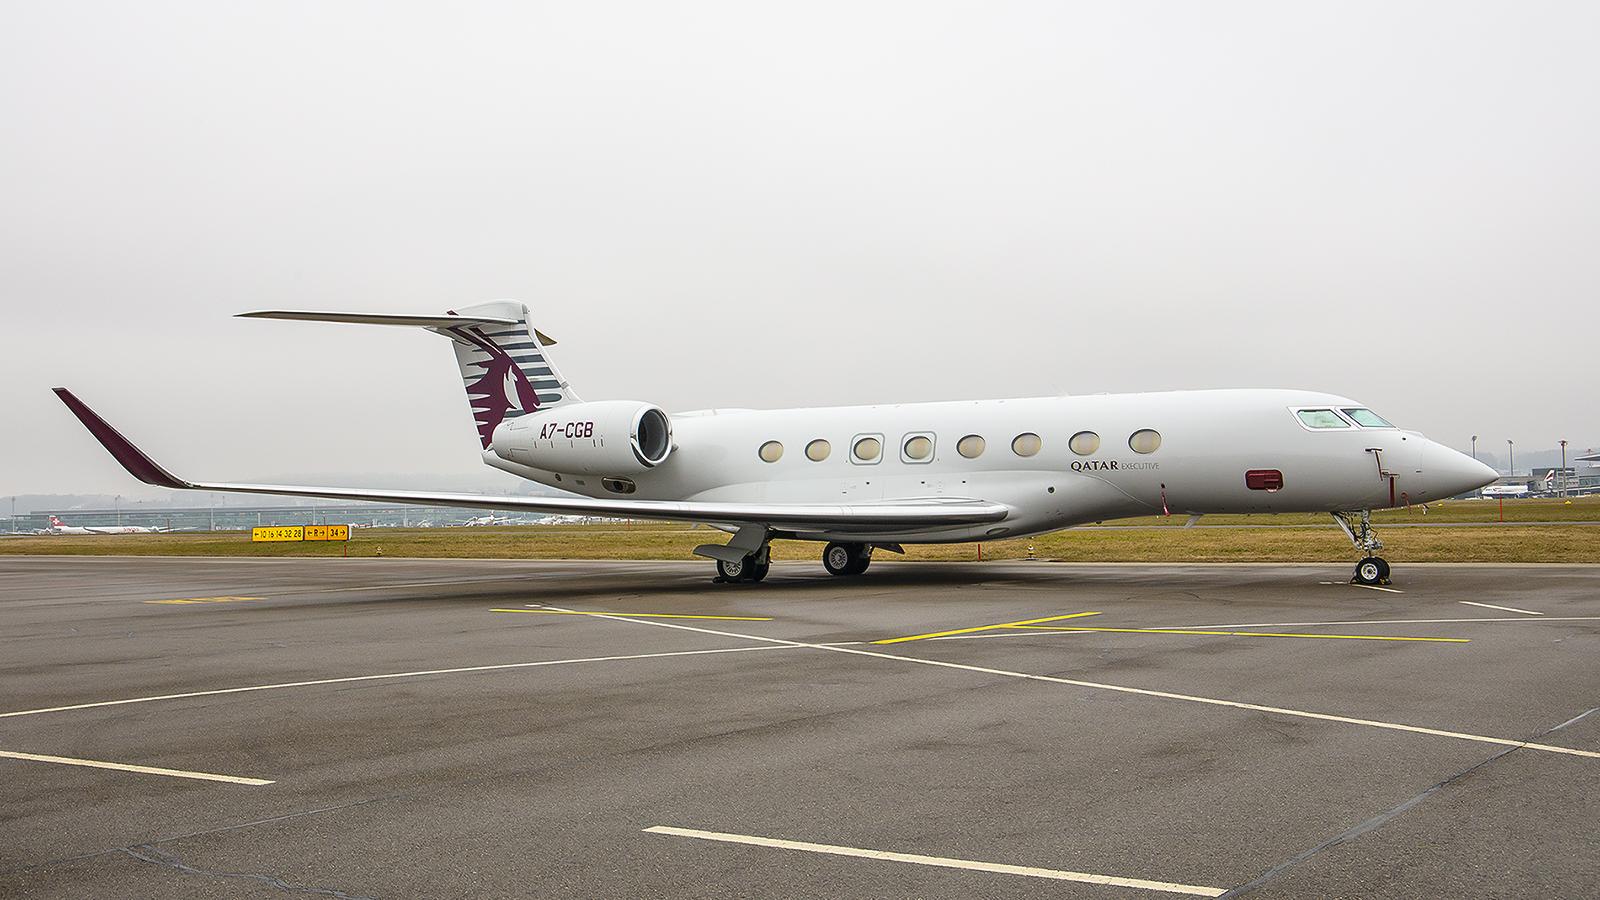 Für ganz besondere Kunden hat Qatar Airways eine kleine Flotte von Privatjets, hier eine Gulfstream G650ER